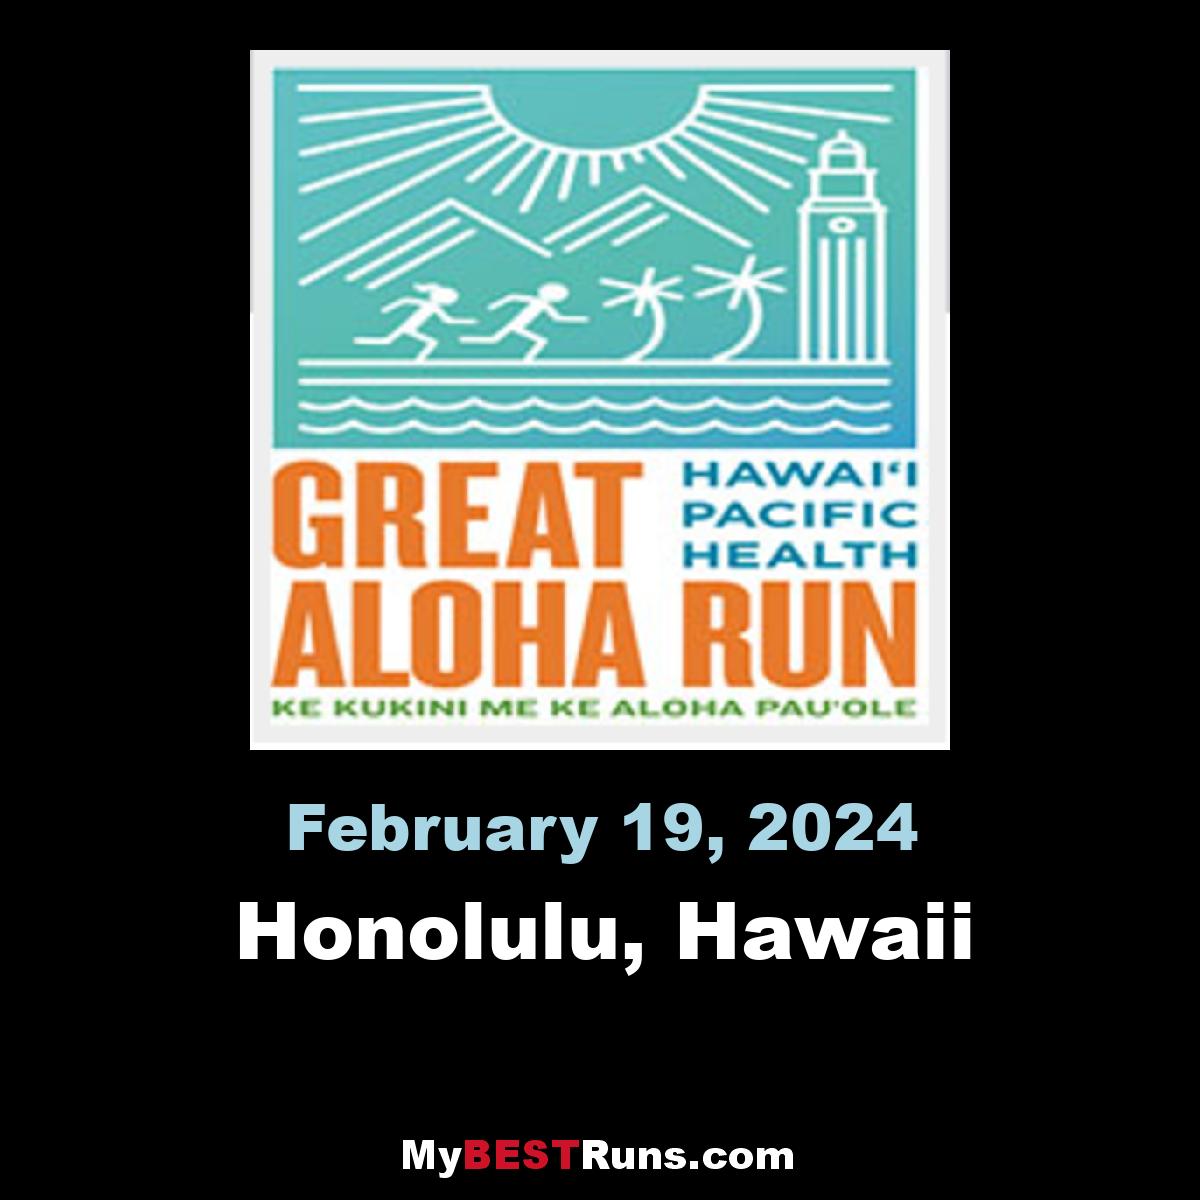 Hawaii Pacific Health Great Aloha Run - Honolulu, Hawaii - 2